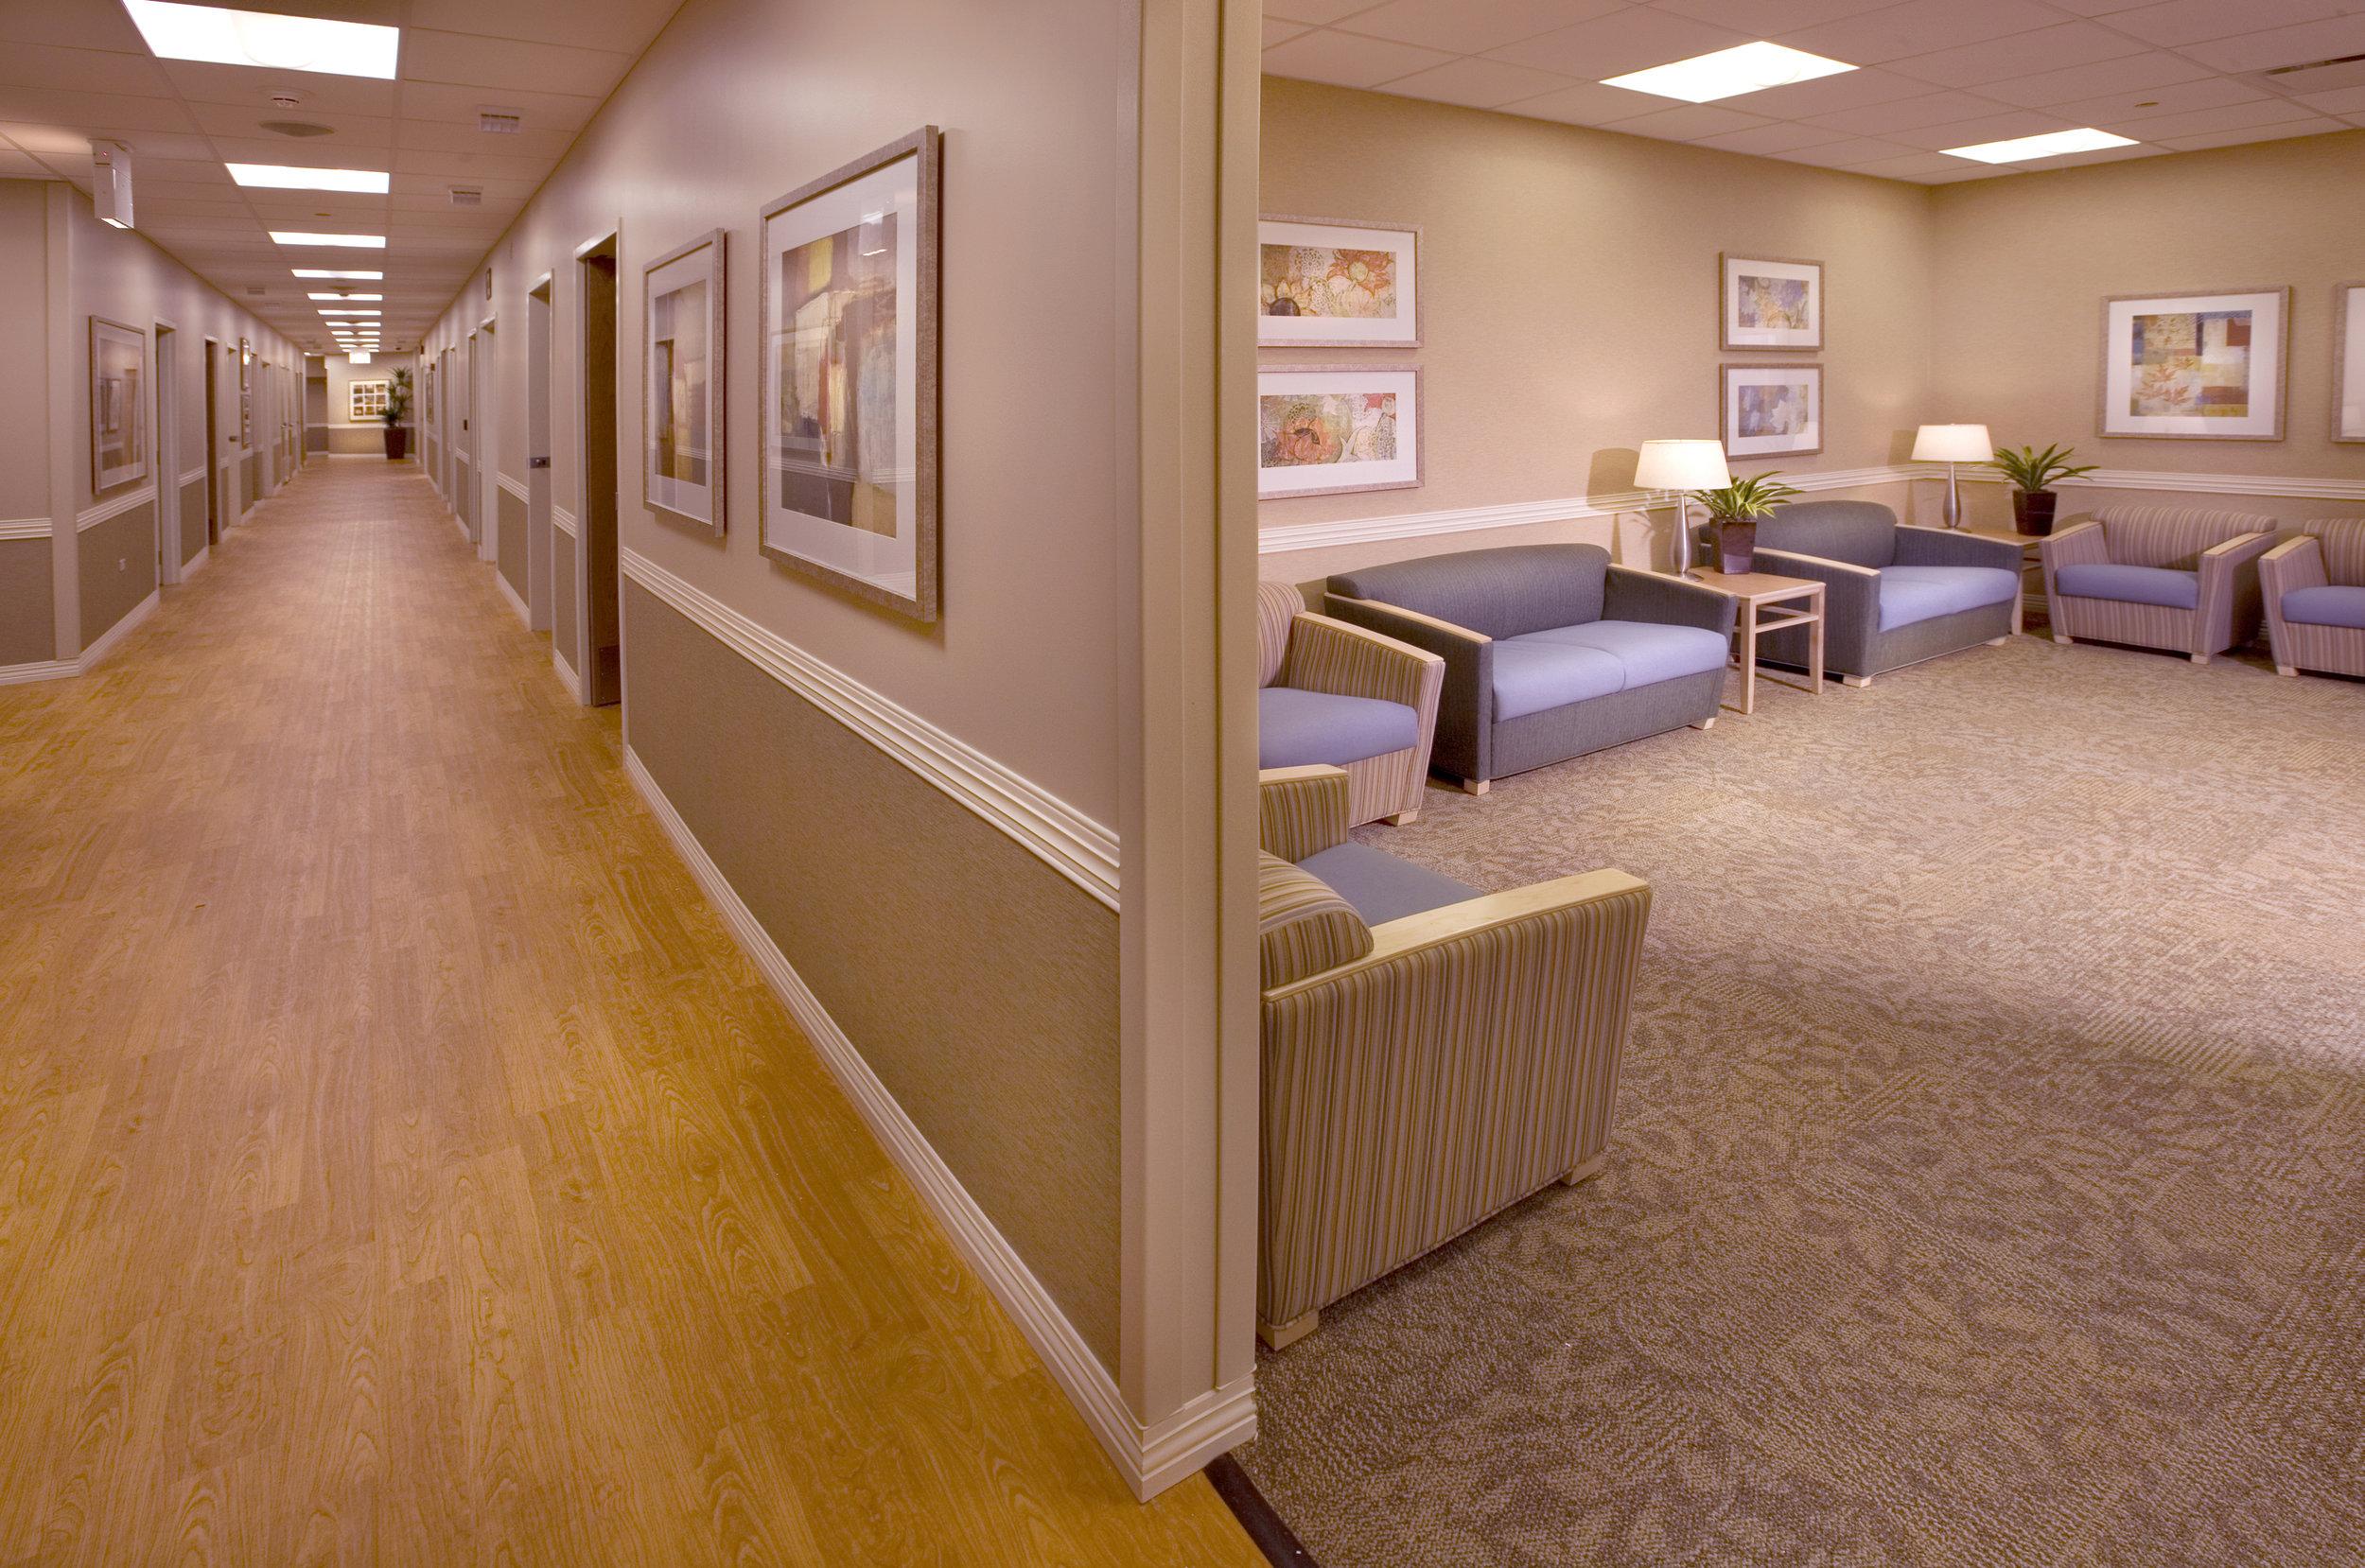 Corridor 8 x 10 300dpi.jpg